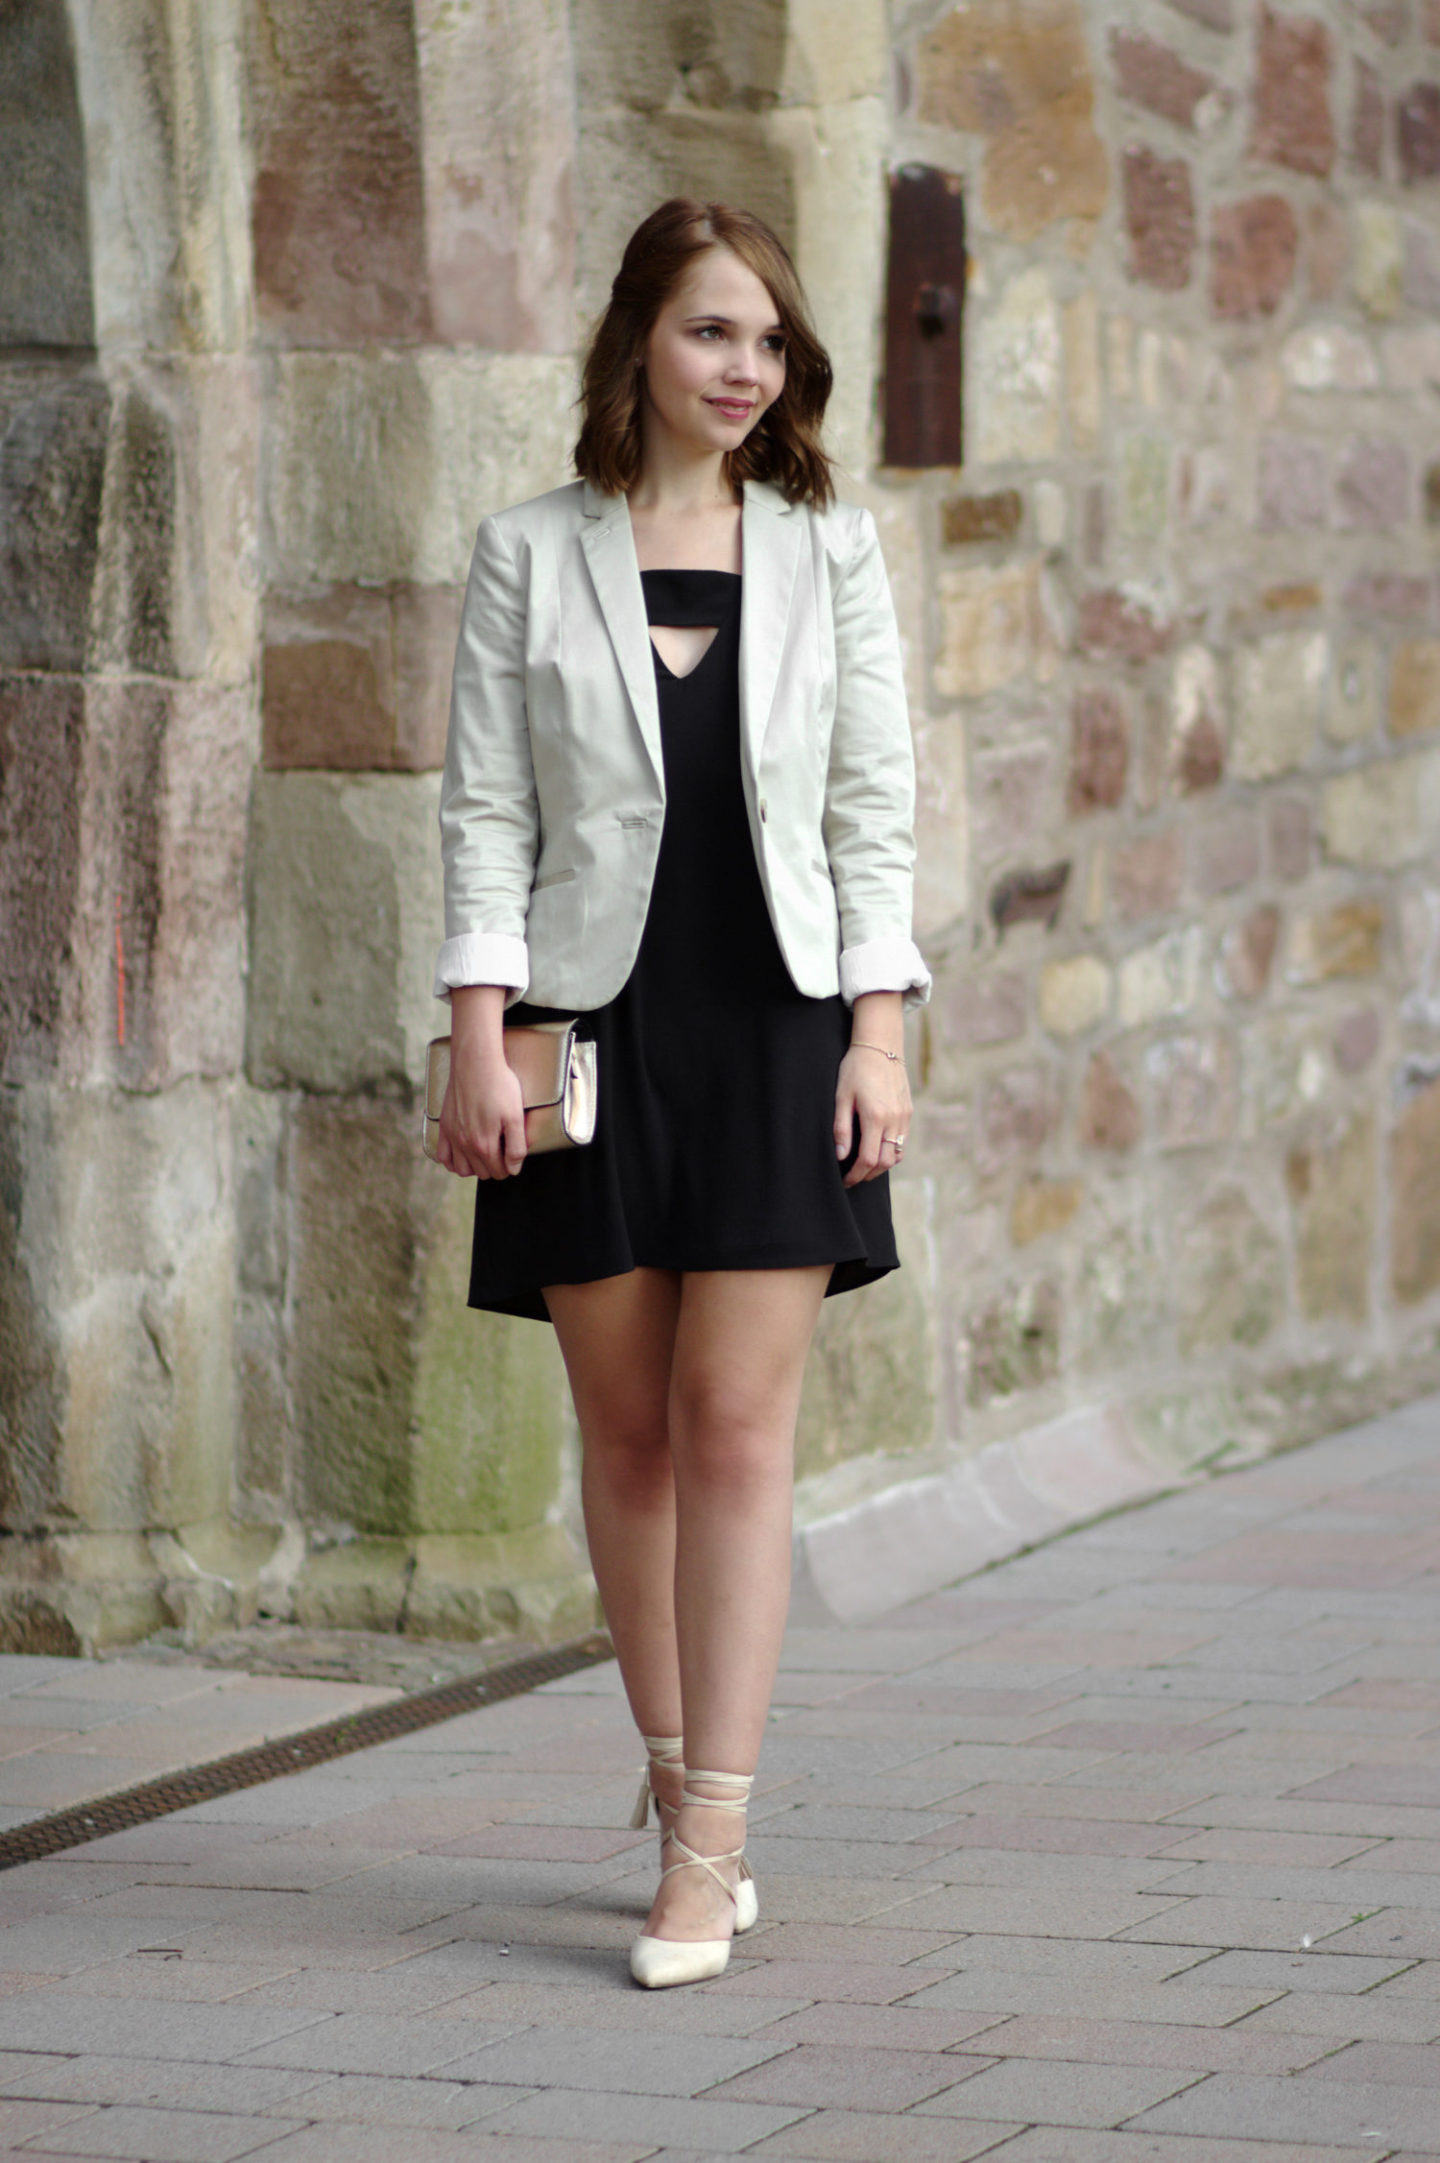 Das-Richtige-Outfit-Für-Eine-Hochzeit-Schwarzes-Kleid-Beiger